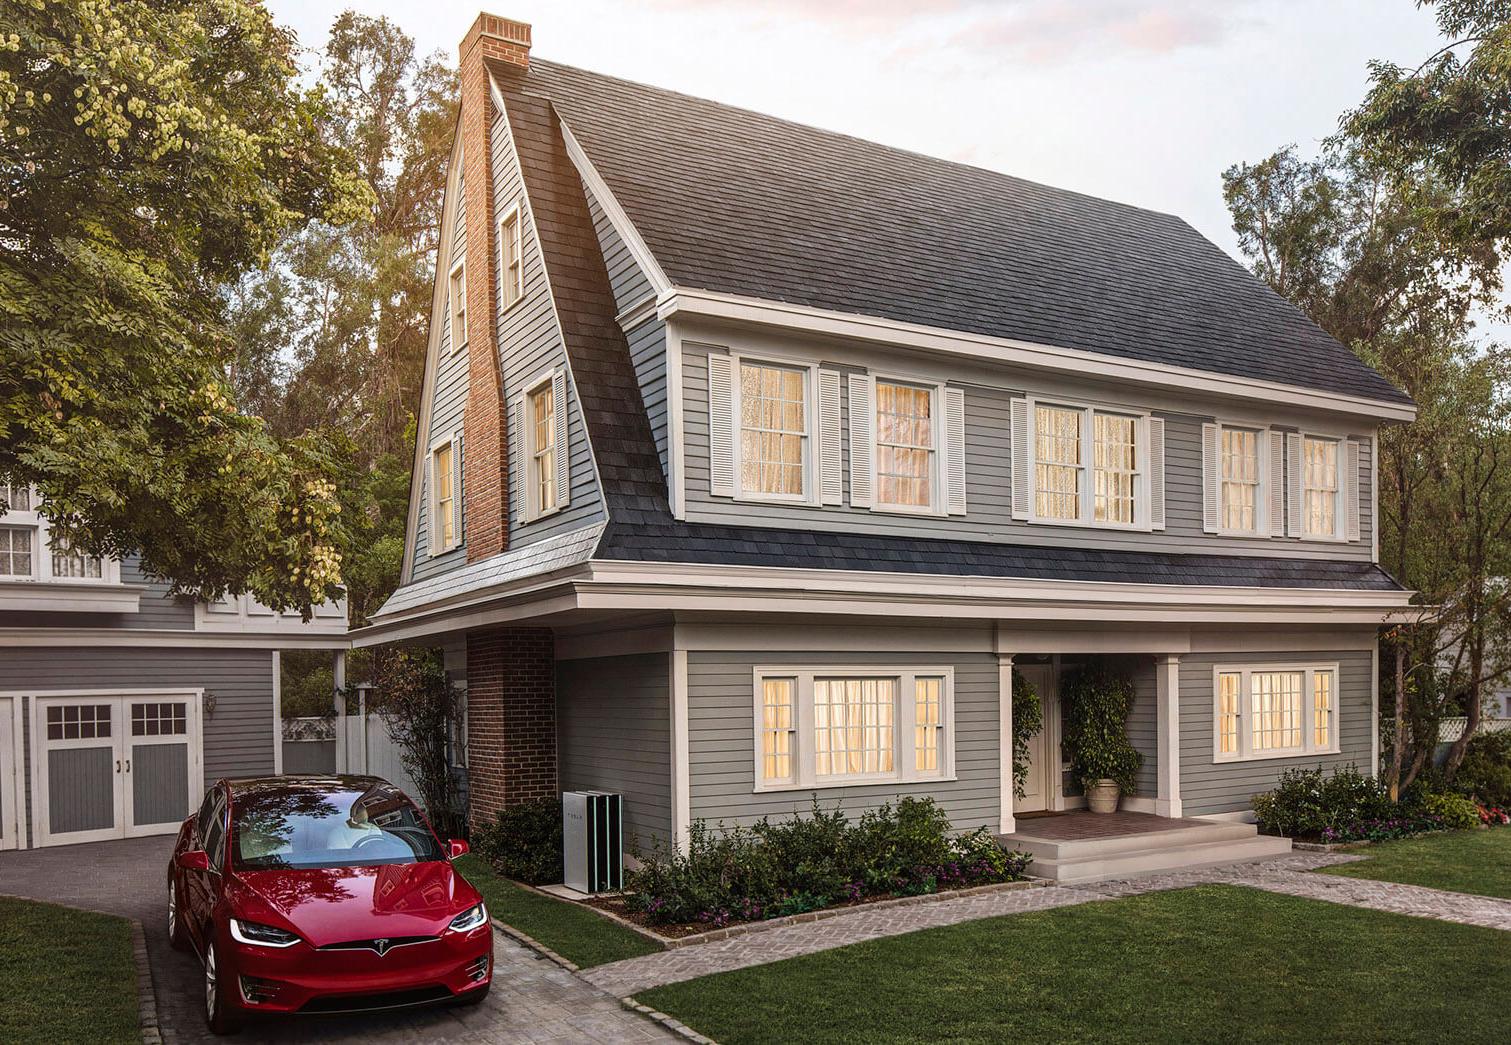 Tesla começa a vender seu telhado solar com garantia infinita